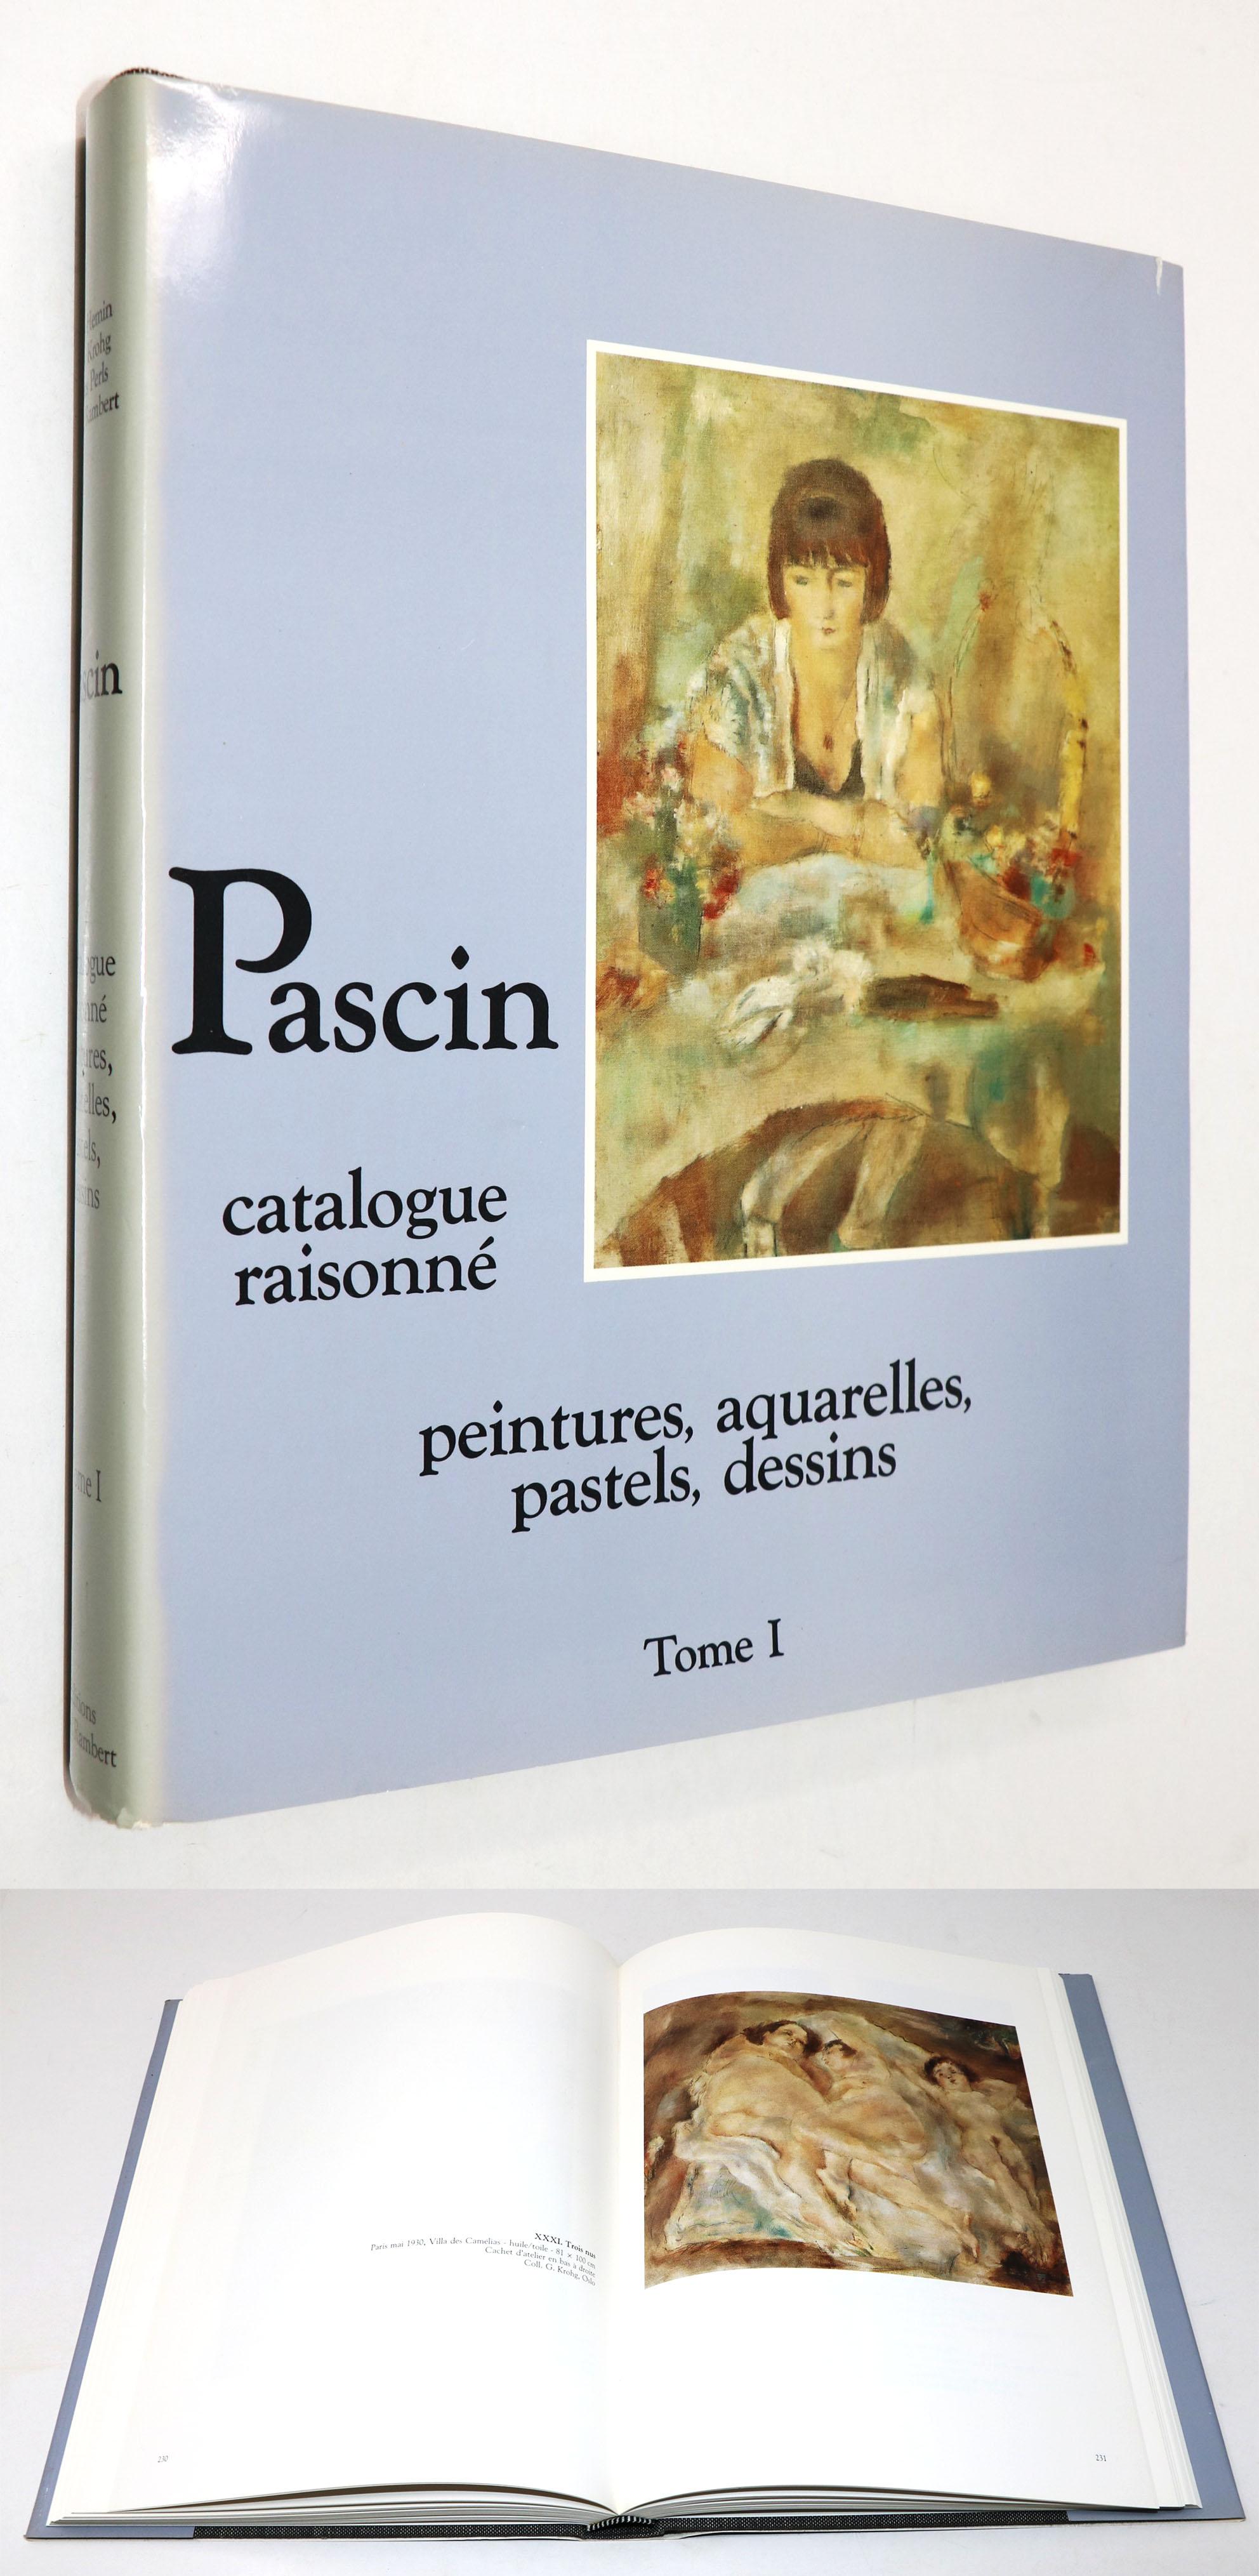 Pascin : catalogue raisonné / peintures / aquarelles / pastels / dessins Tome 1 パスキン カタログレゾネ 第1巻